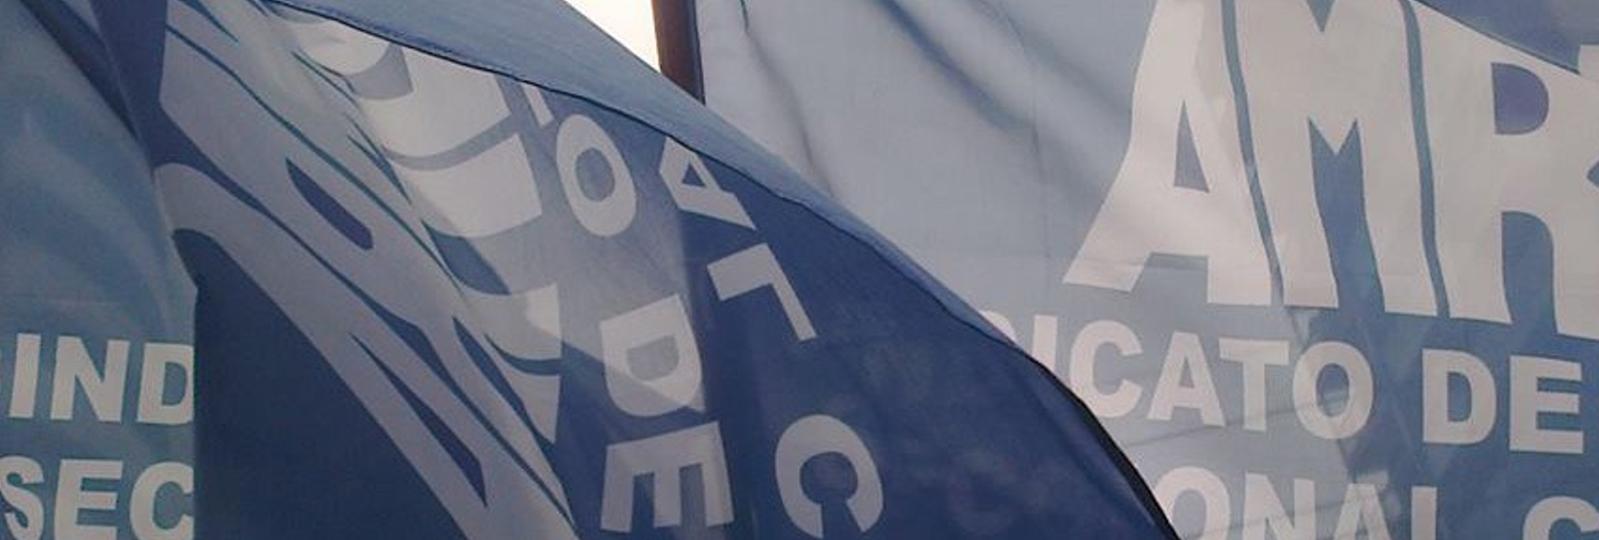 Sindicato Médico AMRA - Asociación de Médicos de Argentina